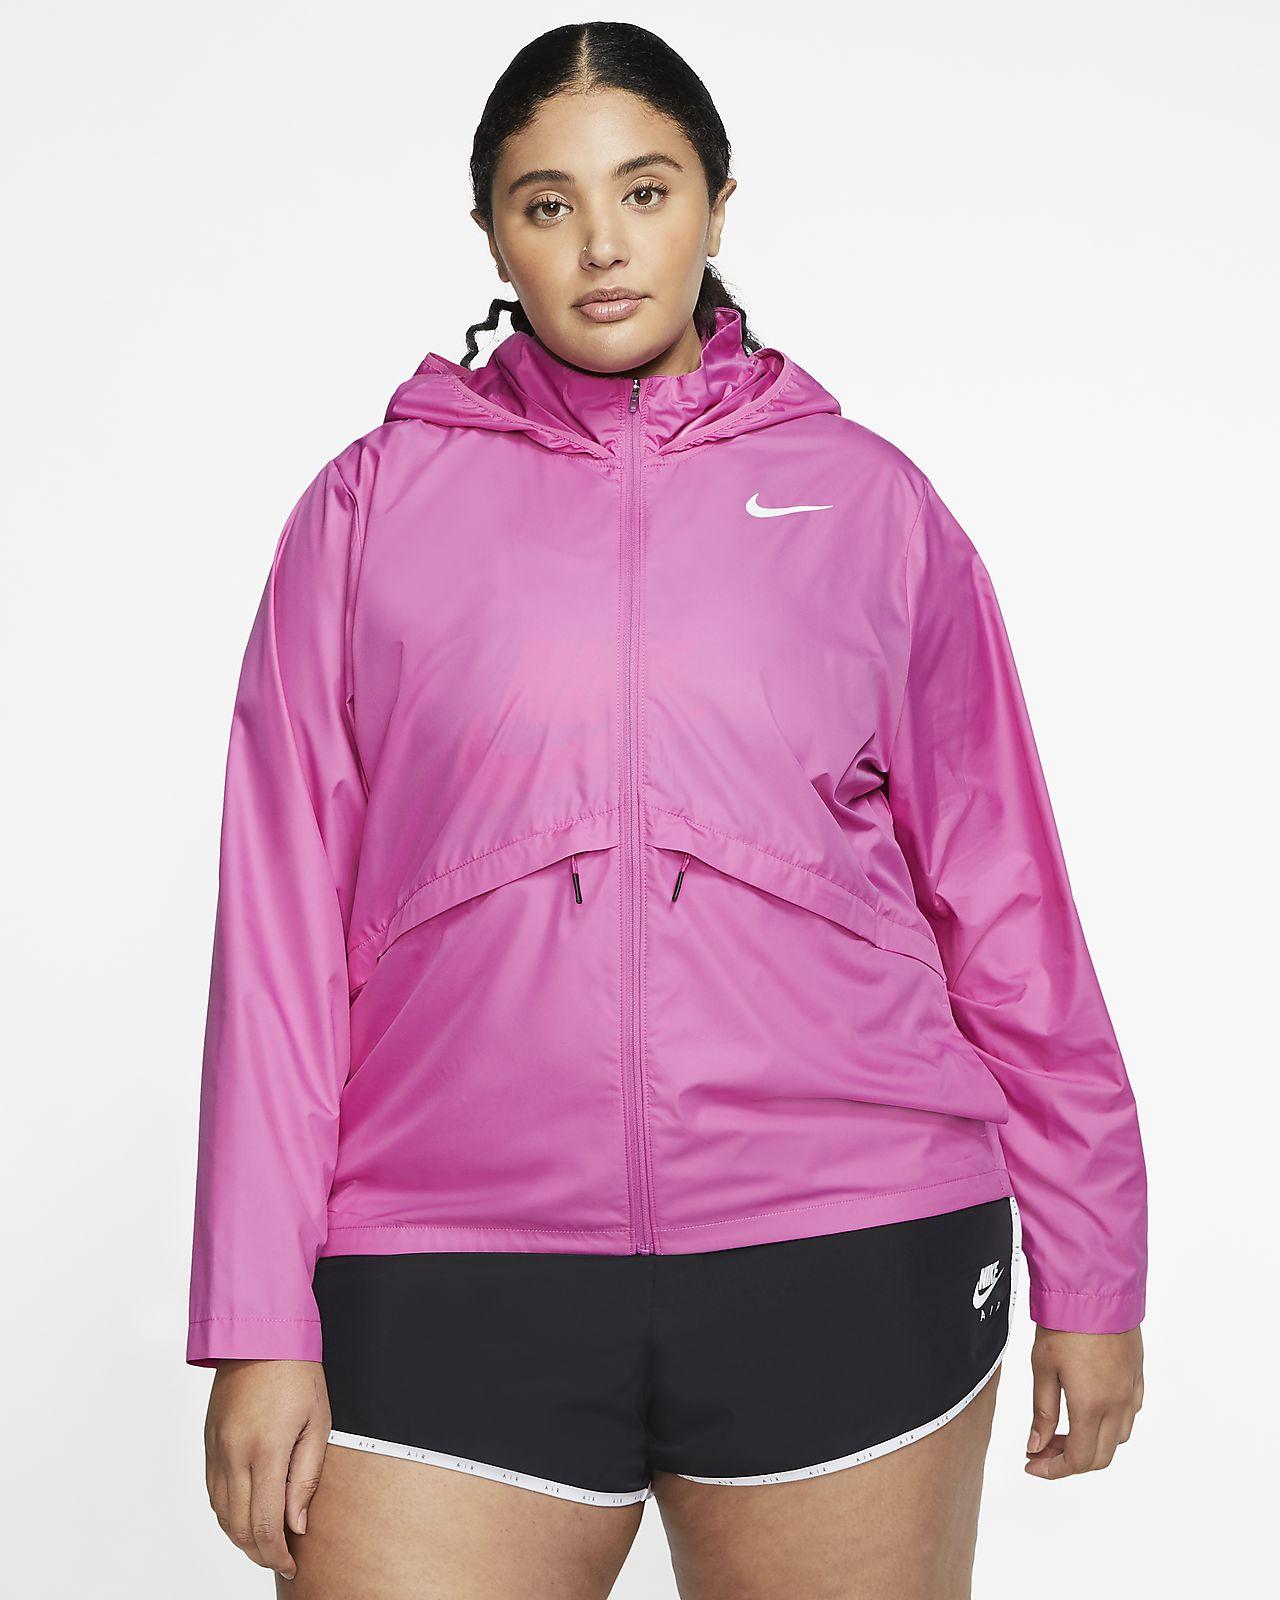 Veste de running à capuche Nike Essential pour Femme (grande taille)